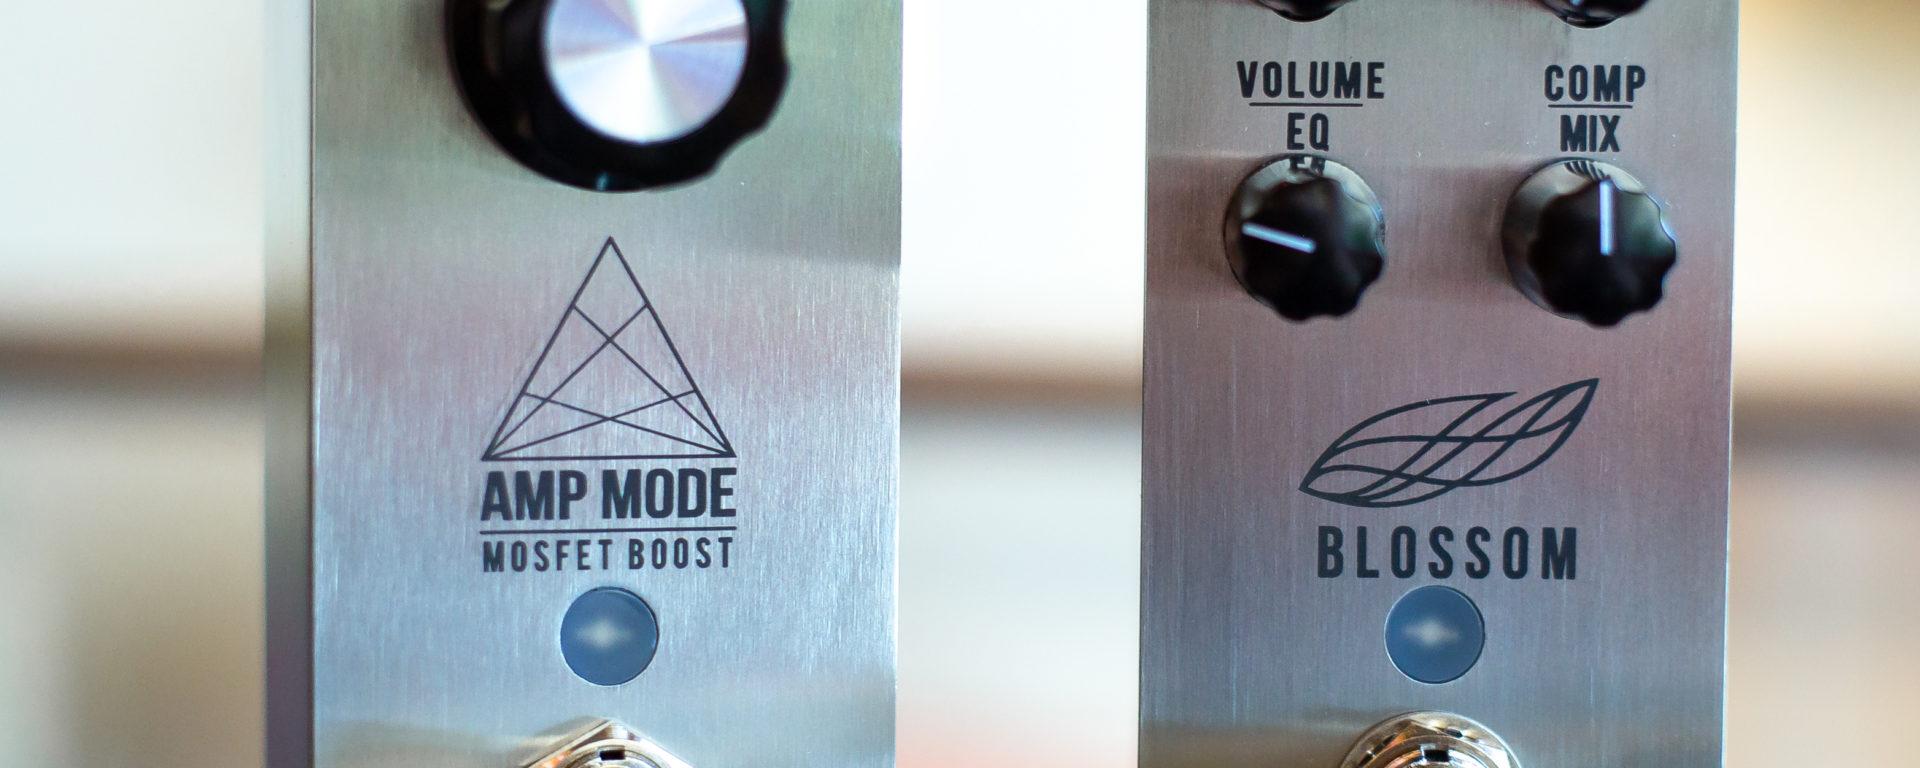 Jackson Audio Pedals - Blossom - Amp Mode